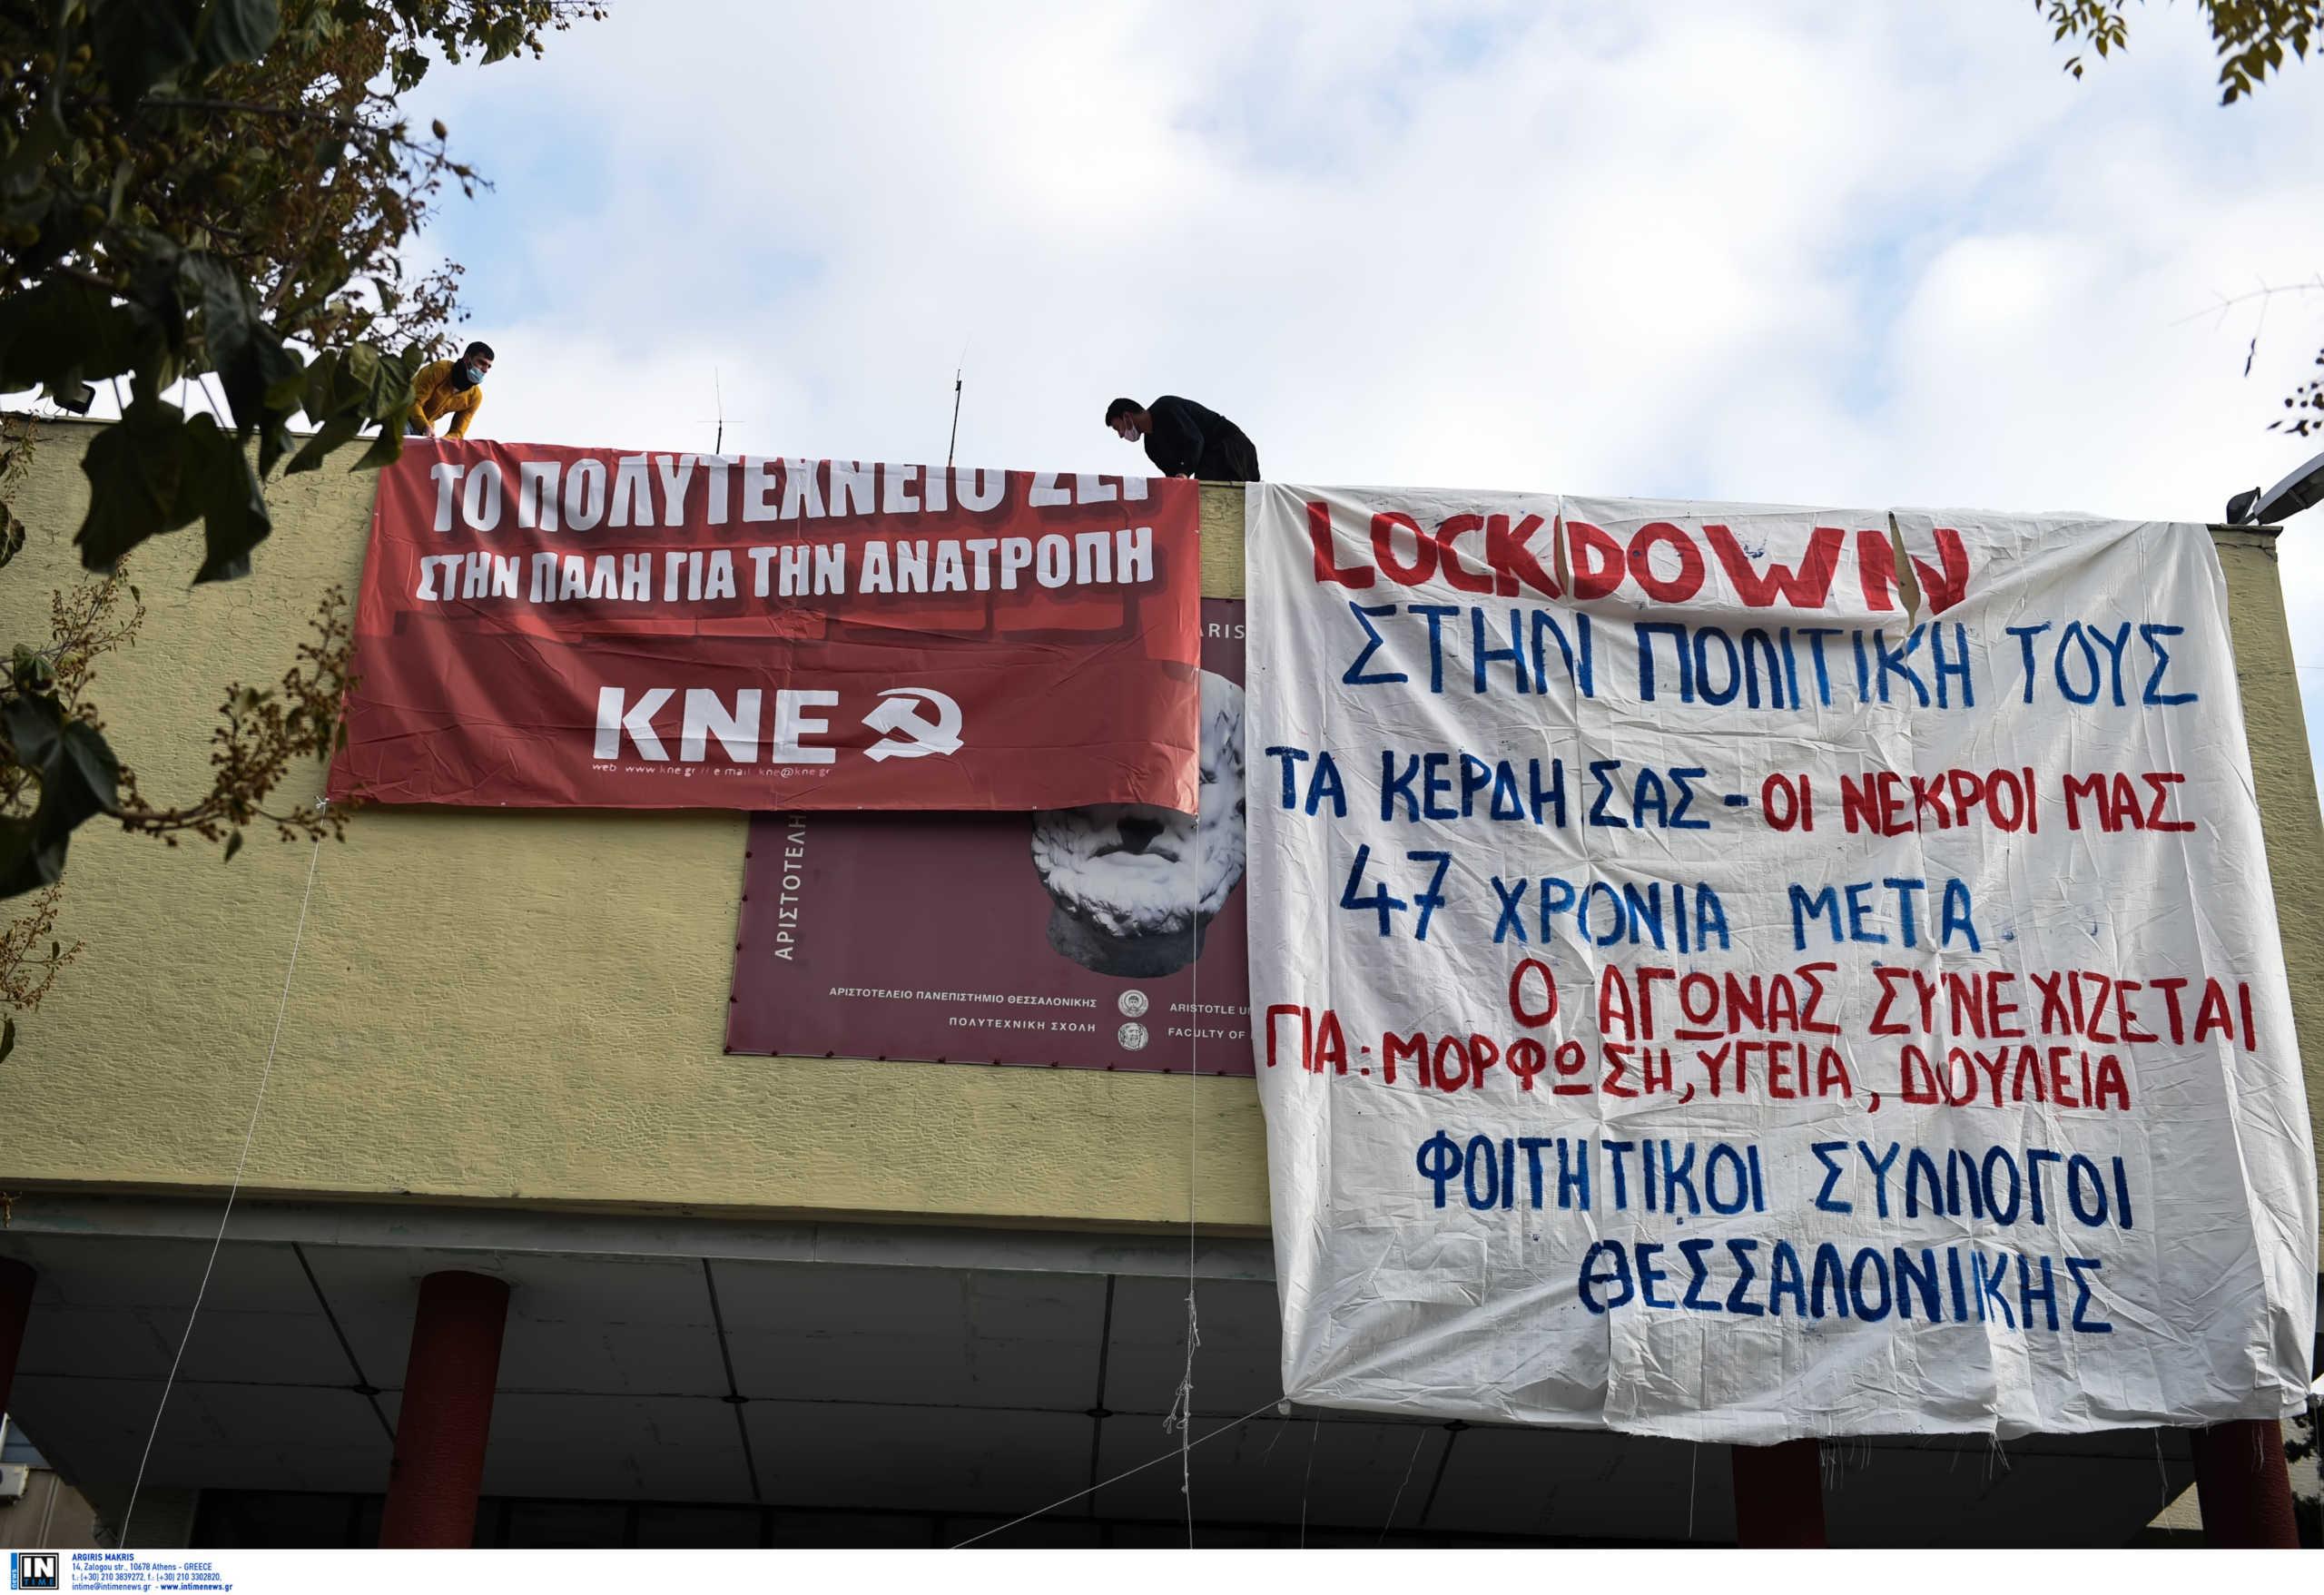 """Θεσσαλονίκη – Πολυτεχνείο: """"Η παρακαταθήκη για κοινωνική αλληλεγγύη βρίσκει φέτος πραγματικό νόημα""""!"""